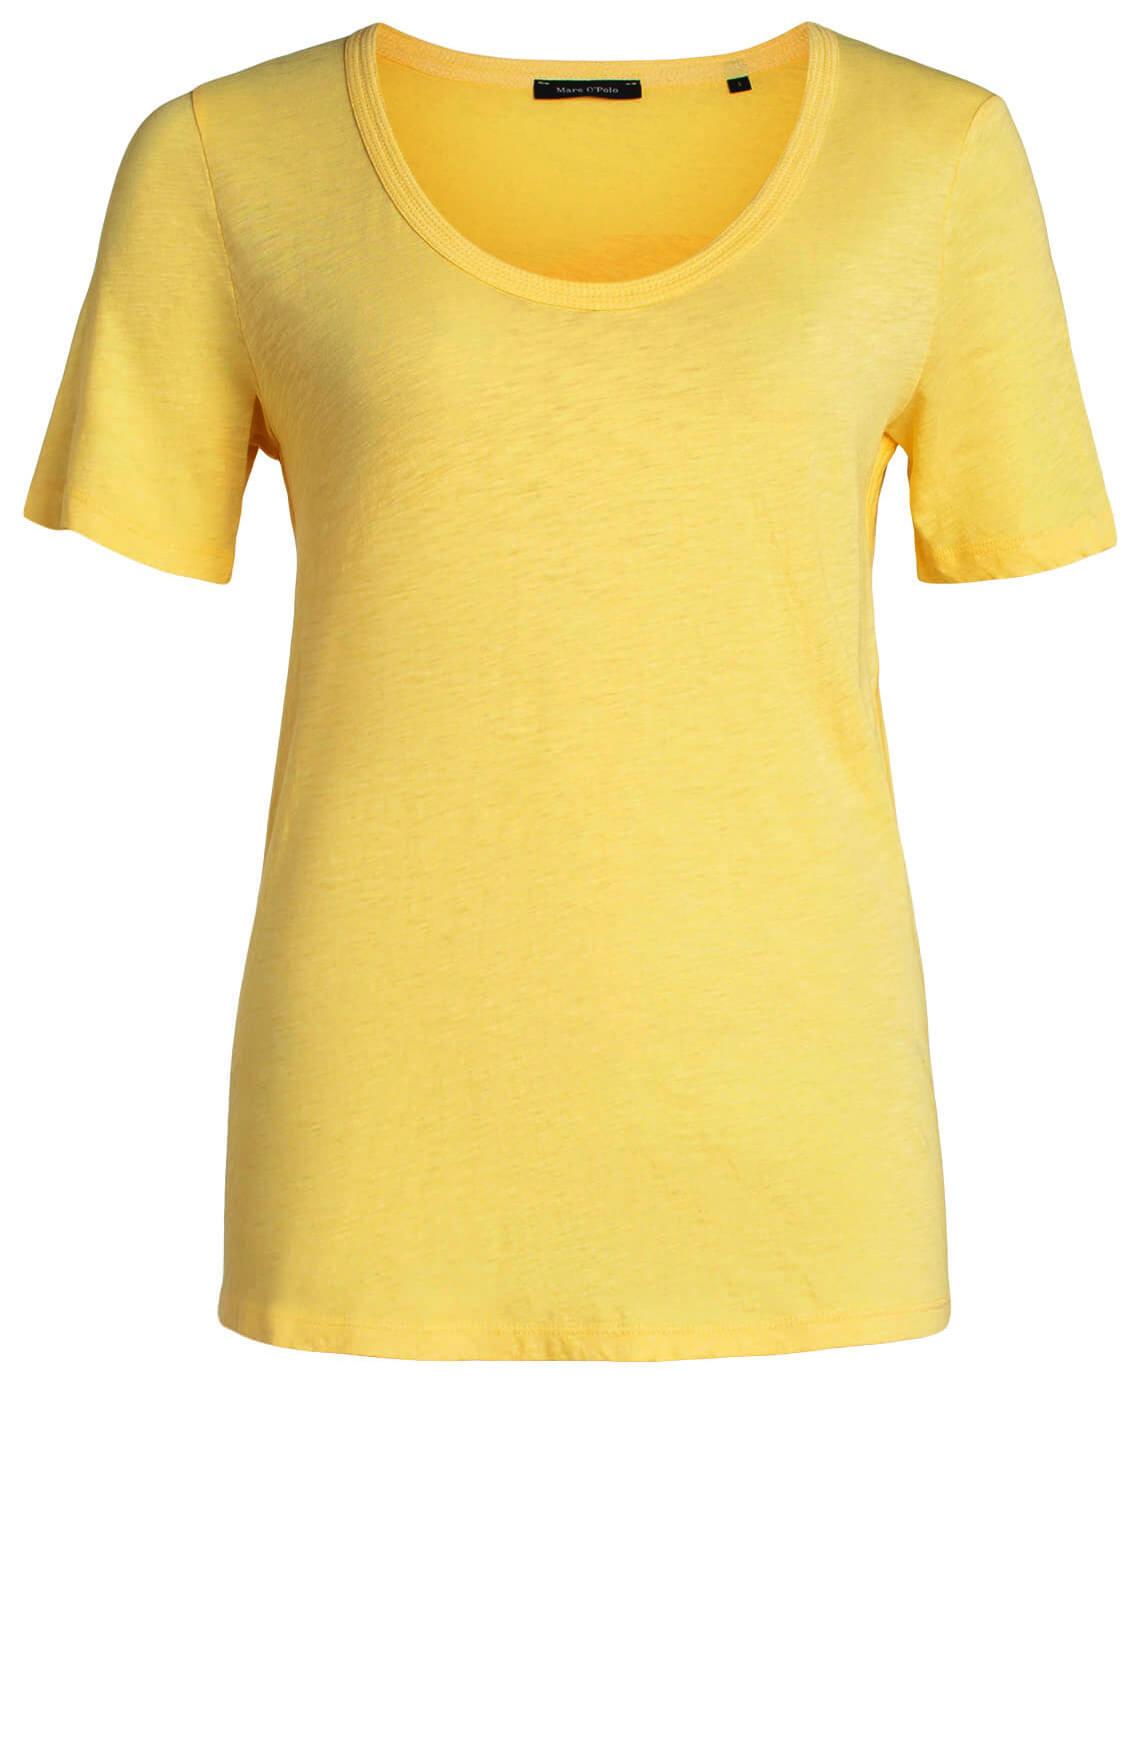 Marc O'Polo Dames Shirt geel